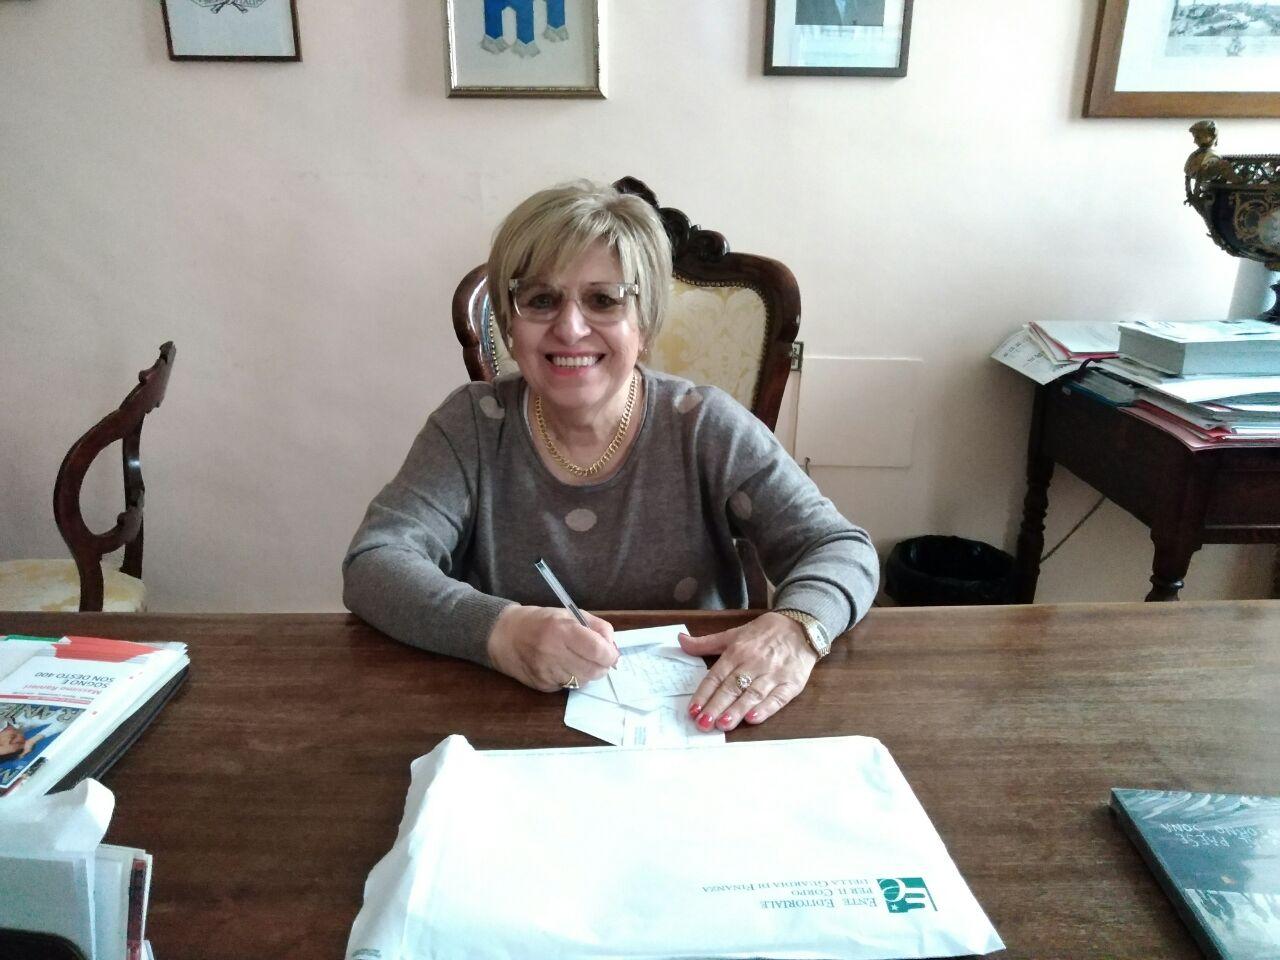 Consigliere Oriana Trombin